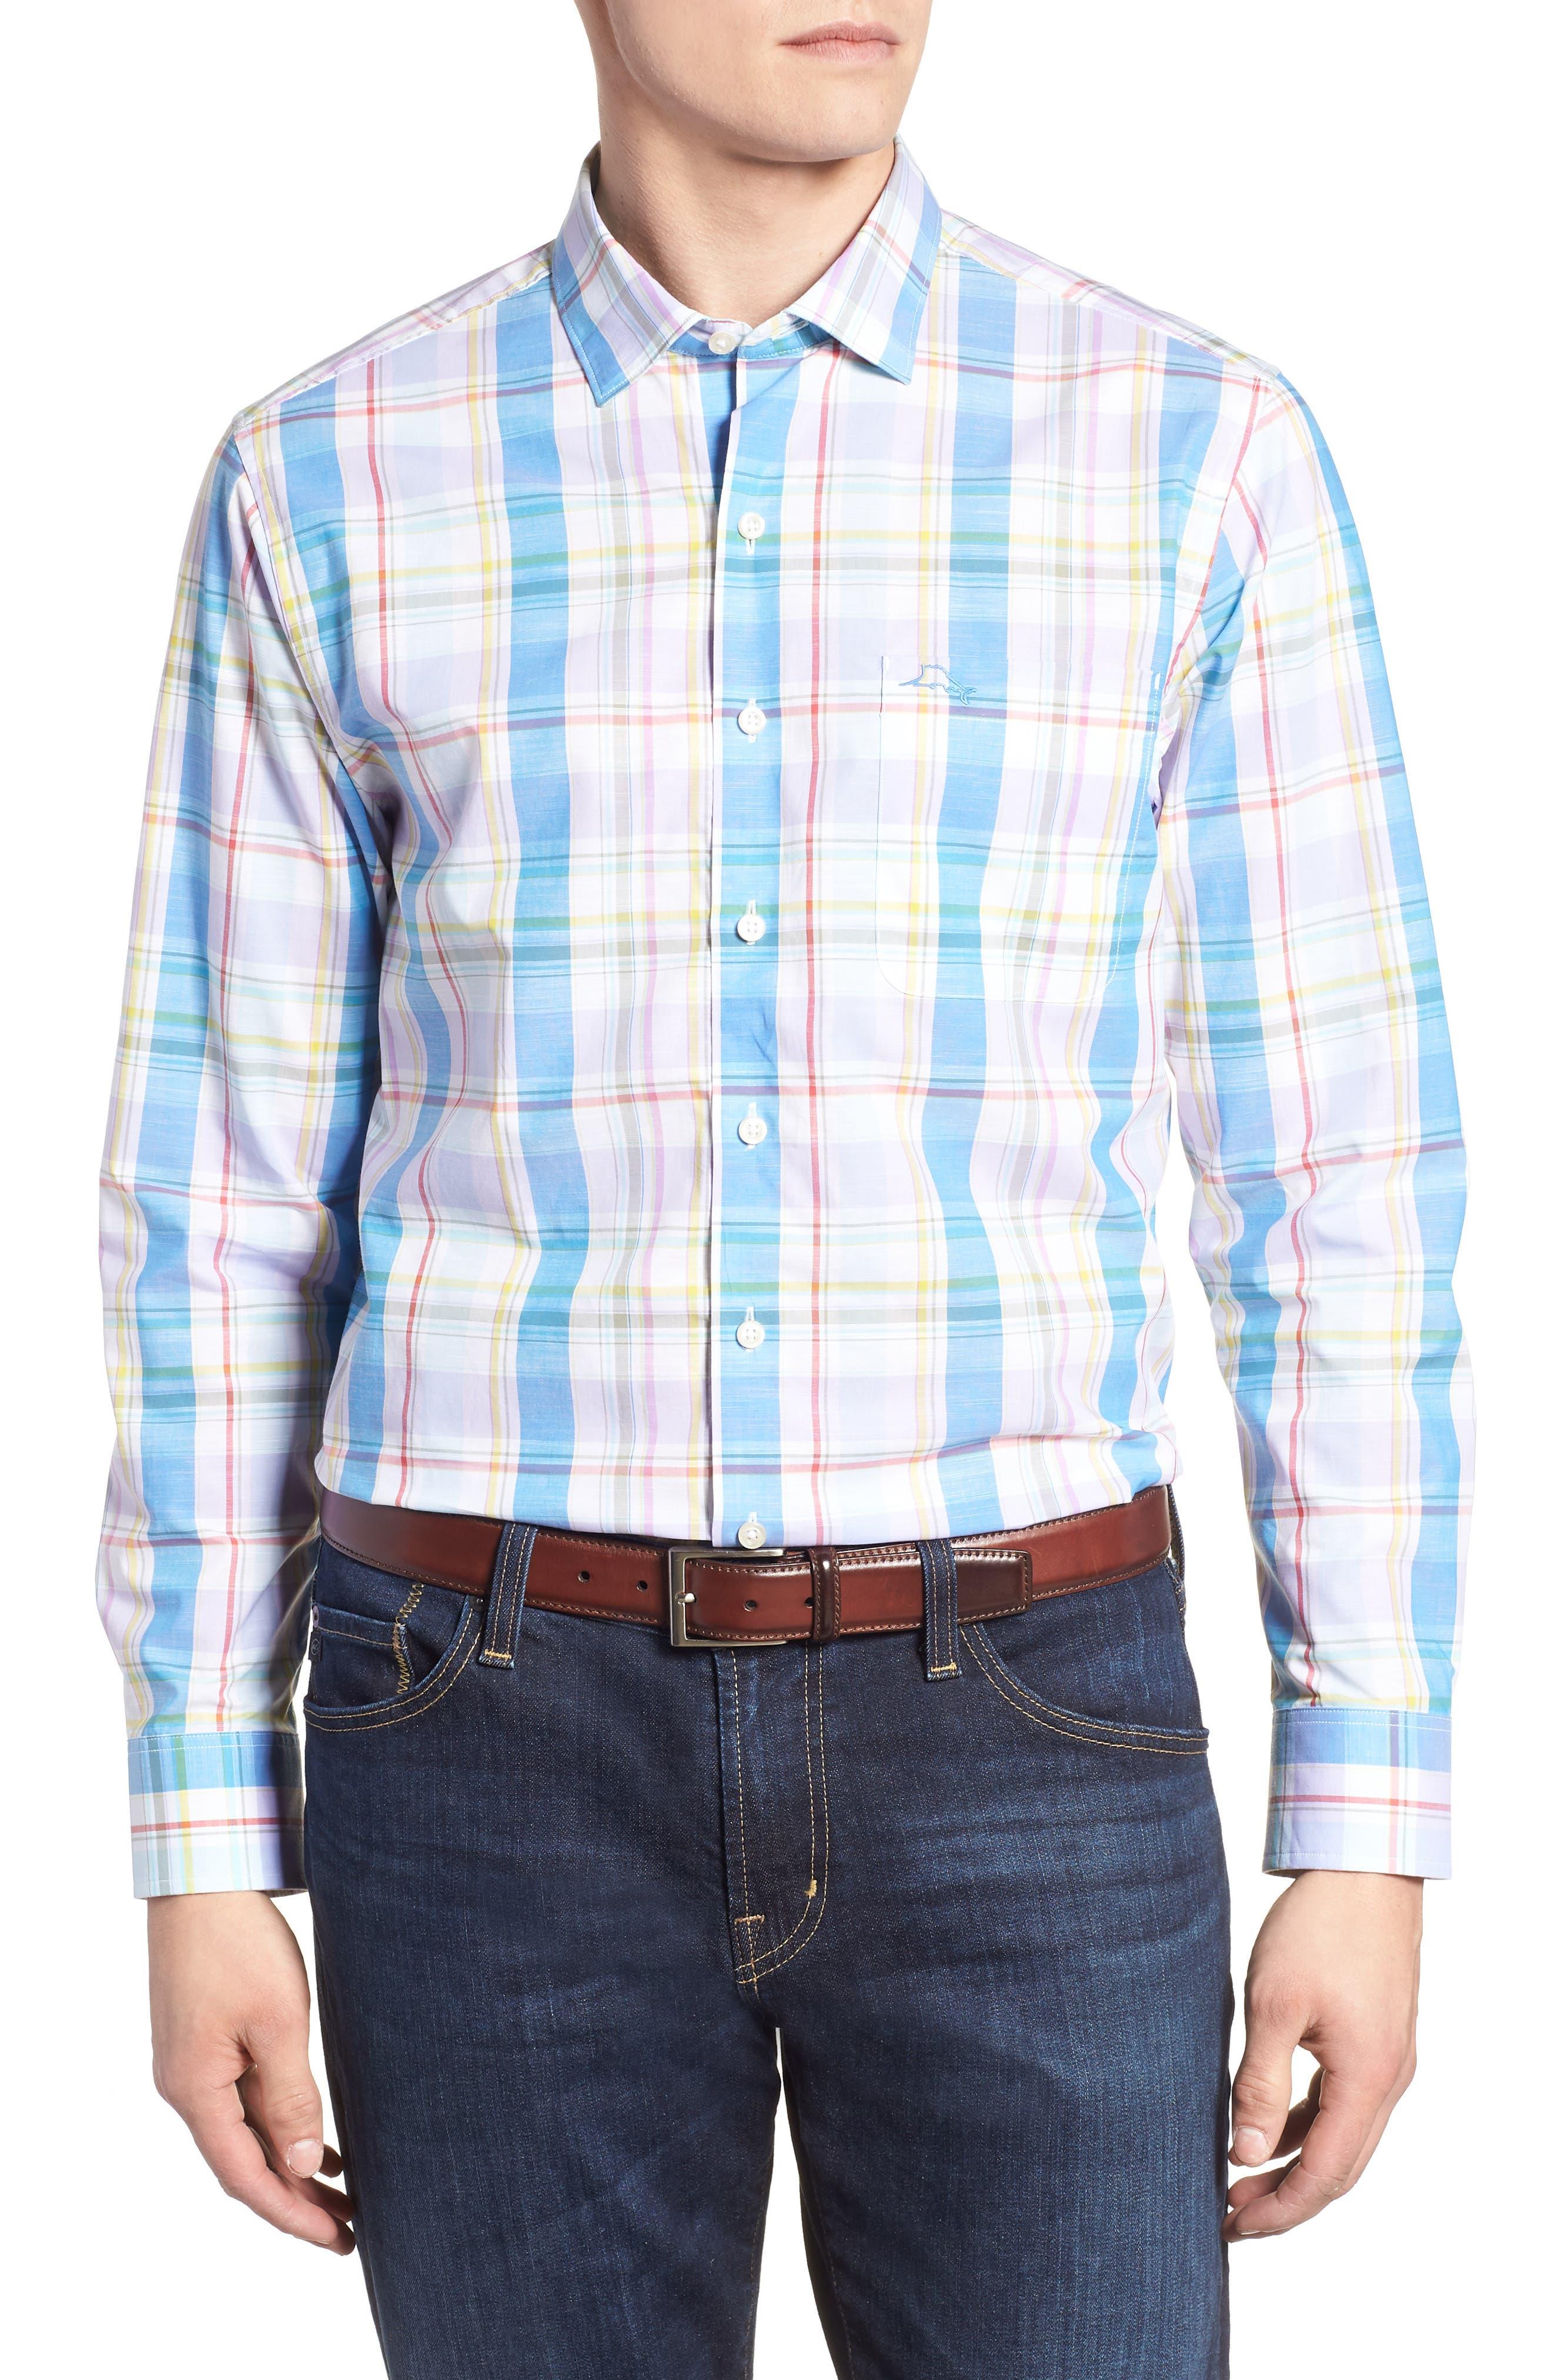 Privada Plaid Sport Shirt,                         Main,                         color, Blue Aster